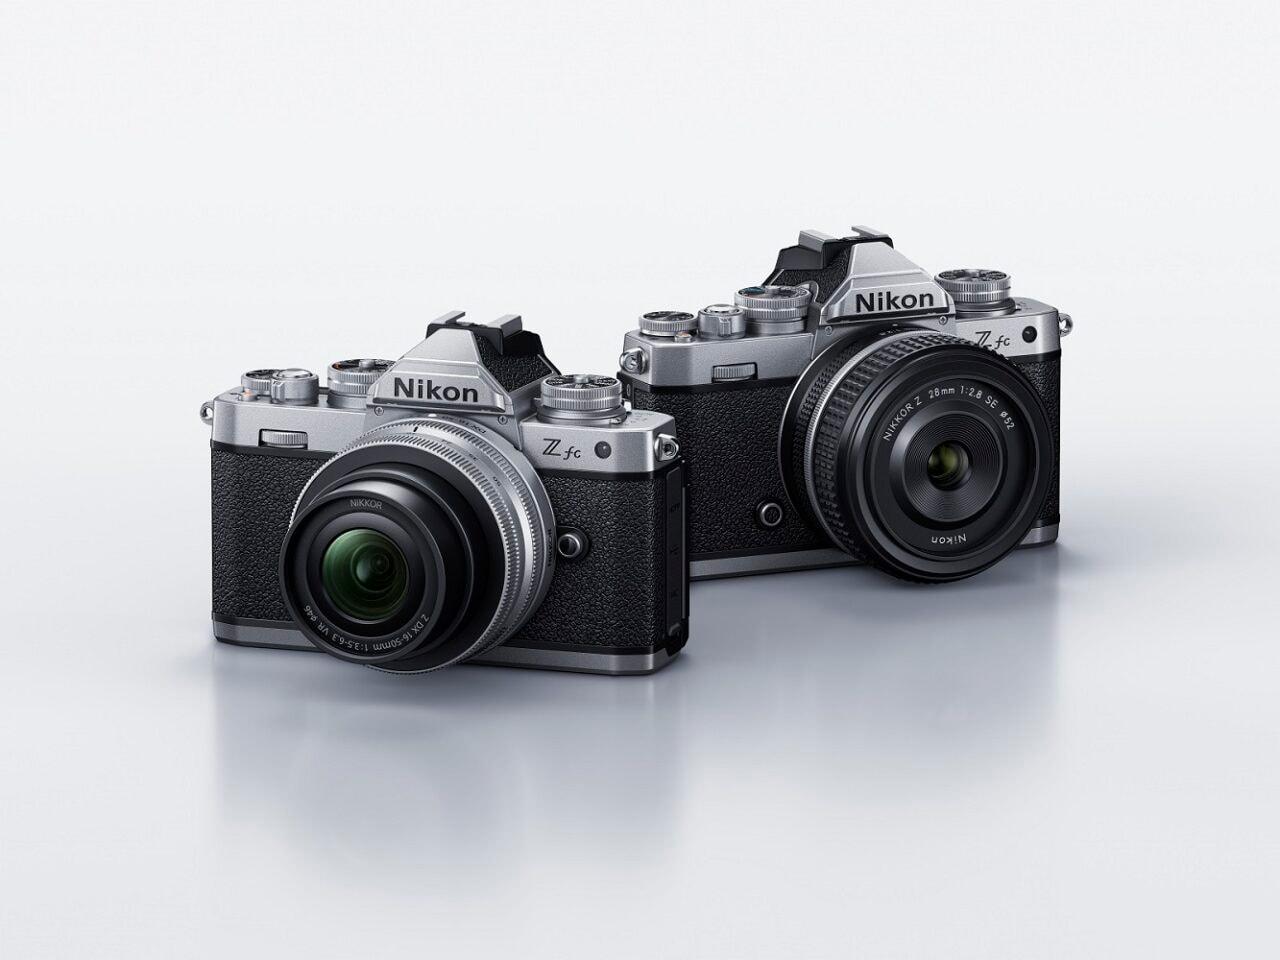 Nikon presenta la nuova mirrorless Nikon Z fc in cui l'innovazione tecnologica si unisce alla classicità nel design (foto)